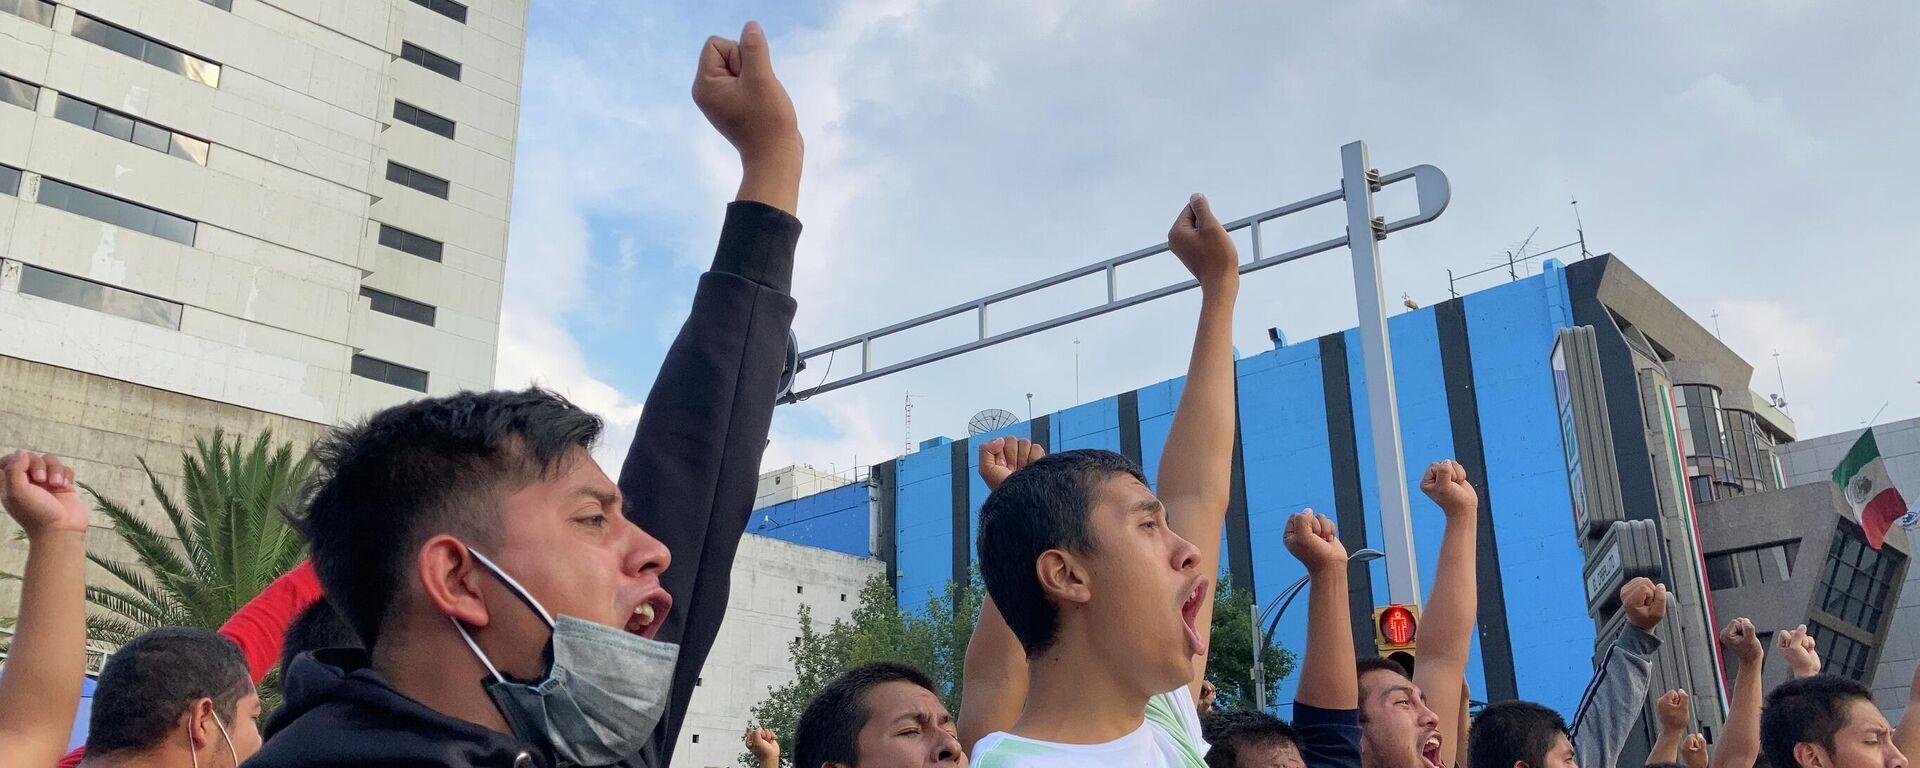 Manifestación por el séptimo aniversario de la desaparición de los 43 estudiantes de Ayotzinapa - Sputnik Mundo, 1920, 07.10.2021